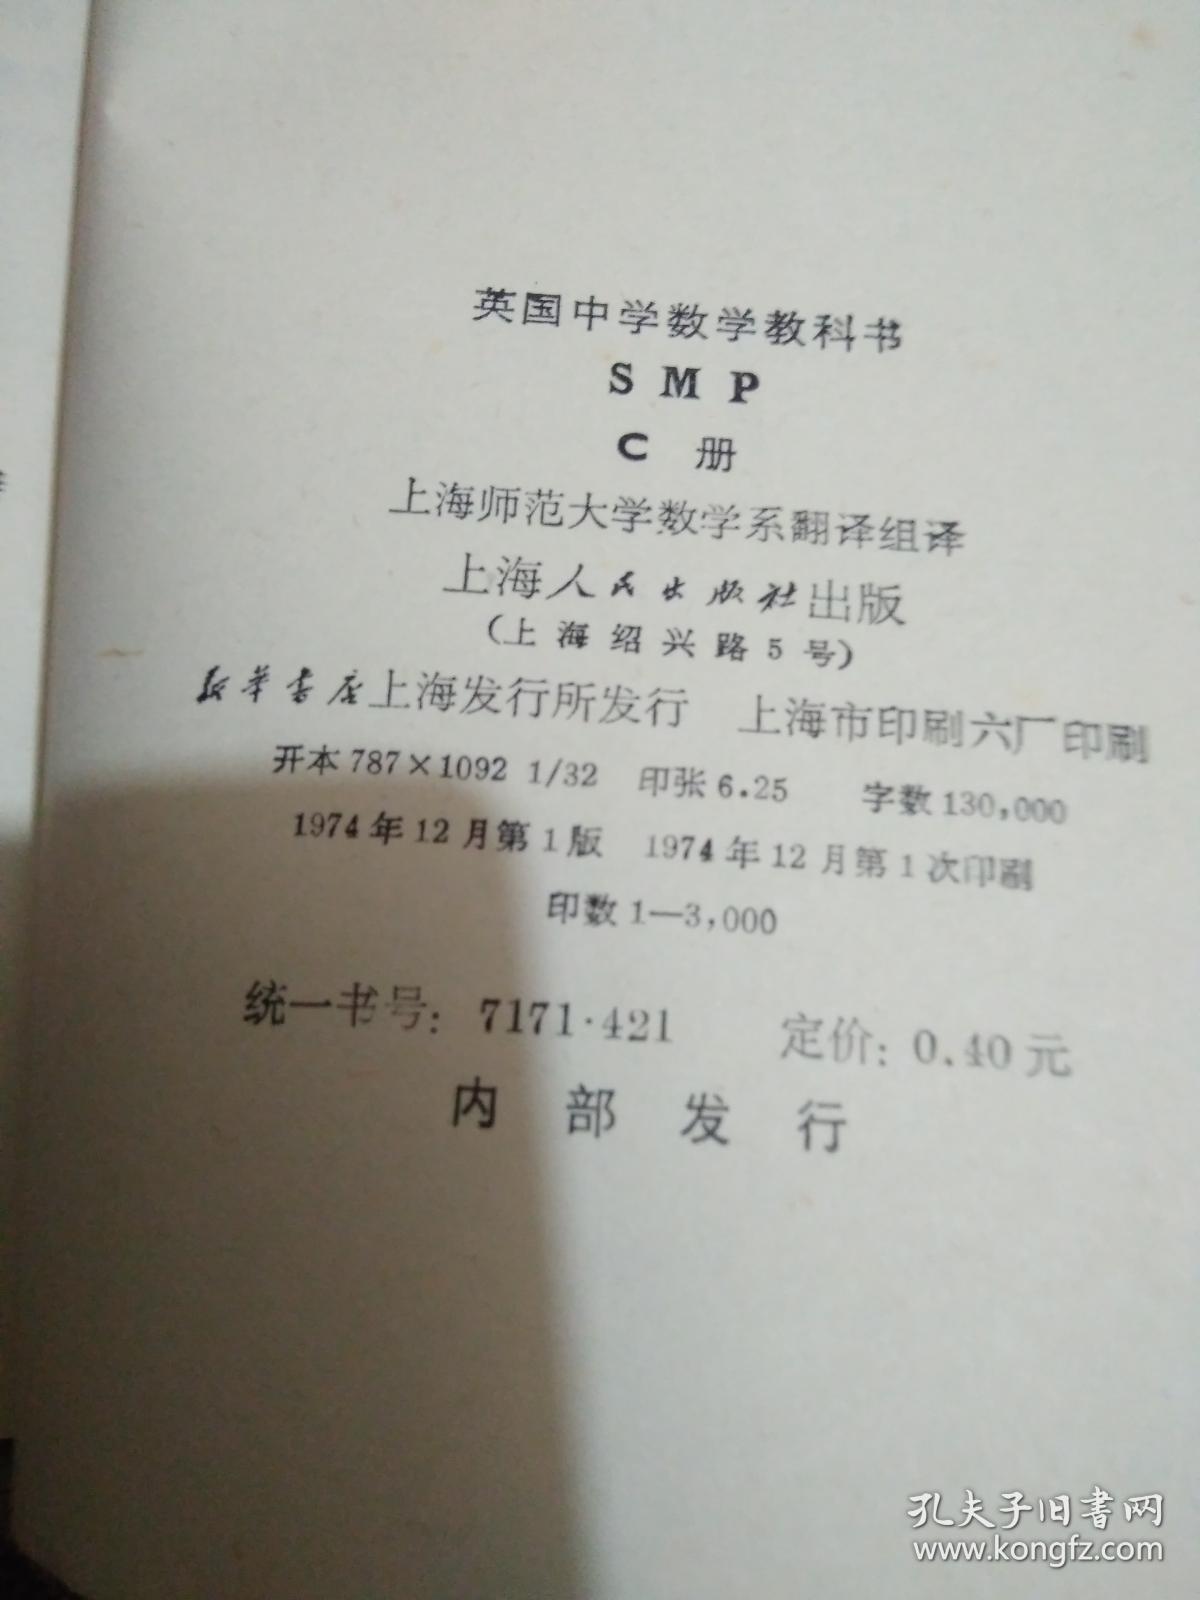 投资顺e�..�)�y`f�.�9.b_英国中学数学教科书(d\\h\\c\\f\\z\\y\\b\\e\\c册)9册不重复